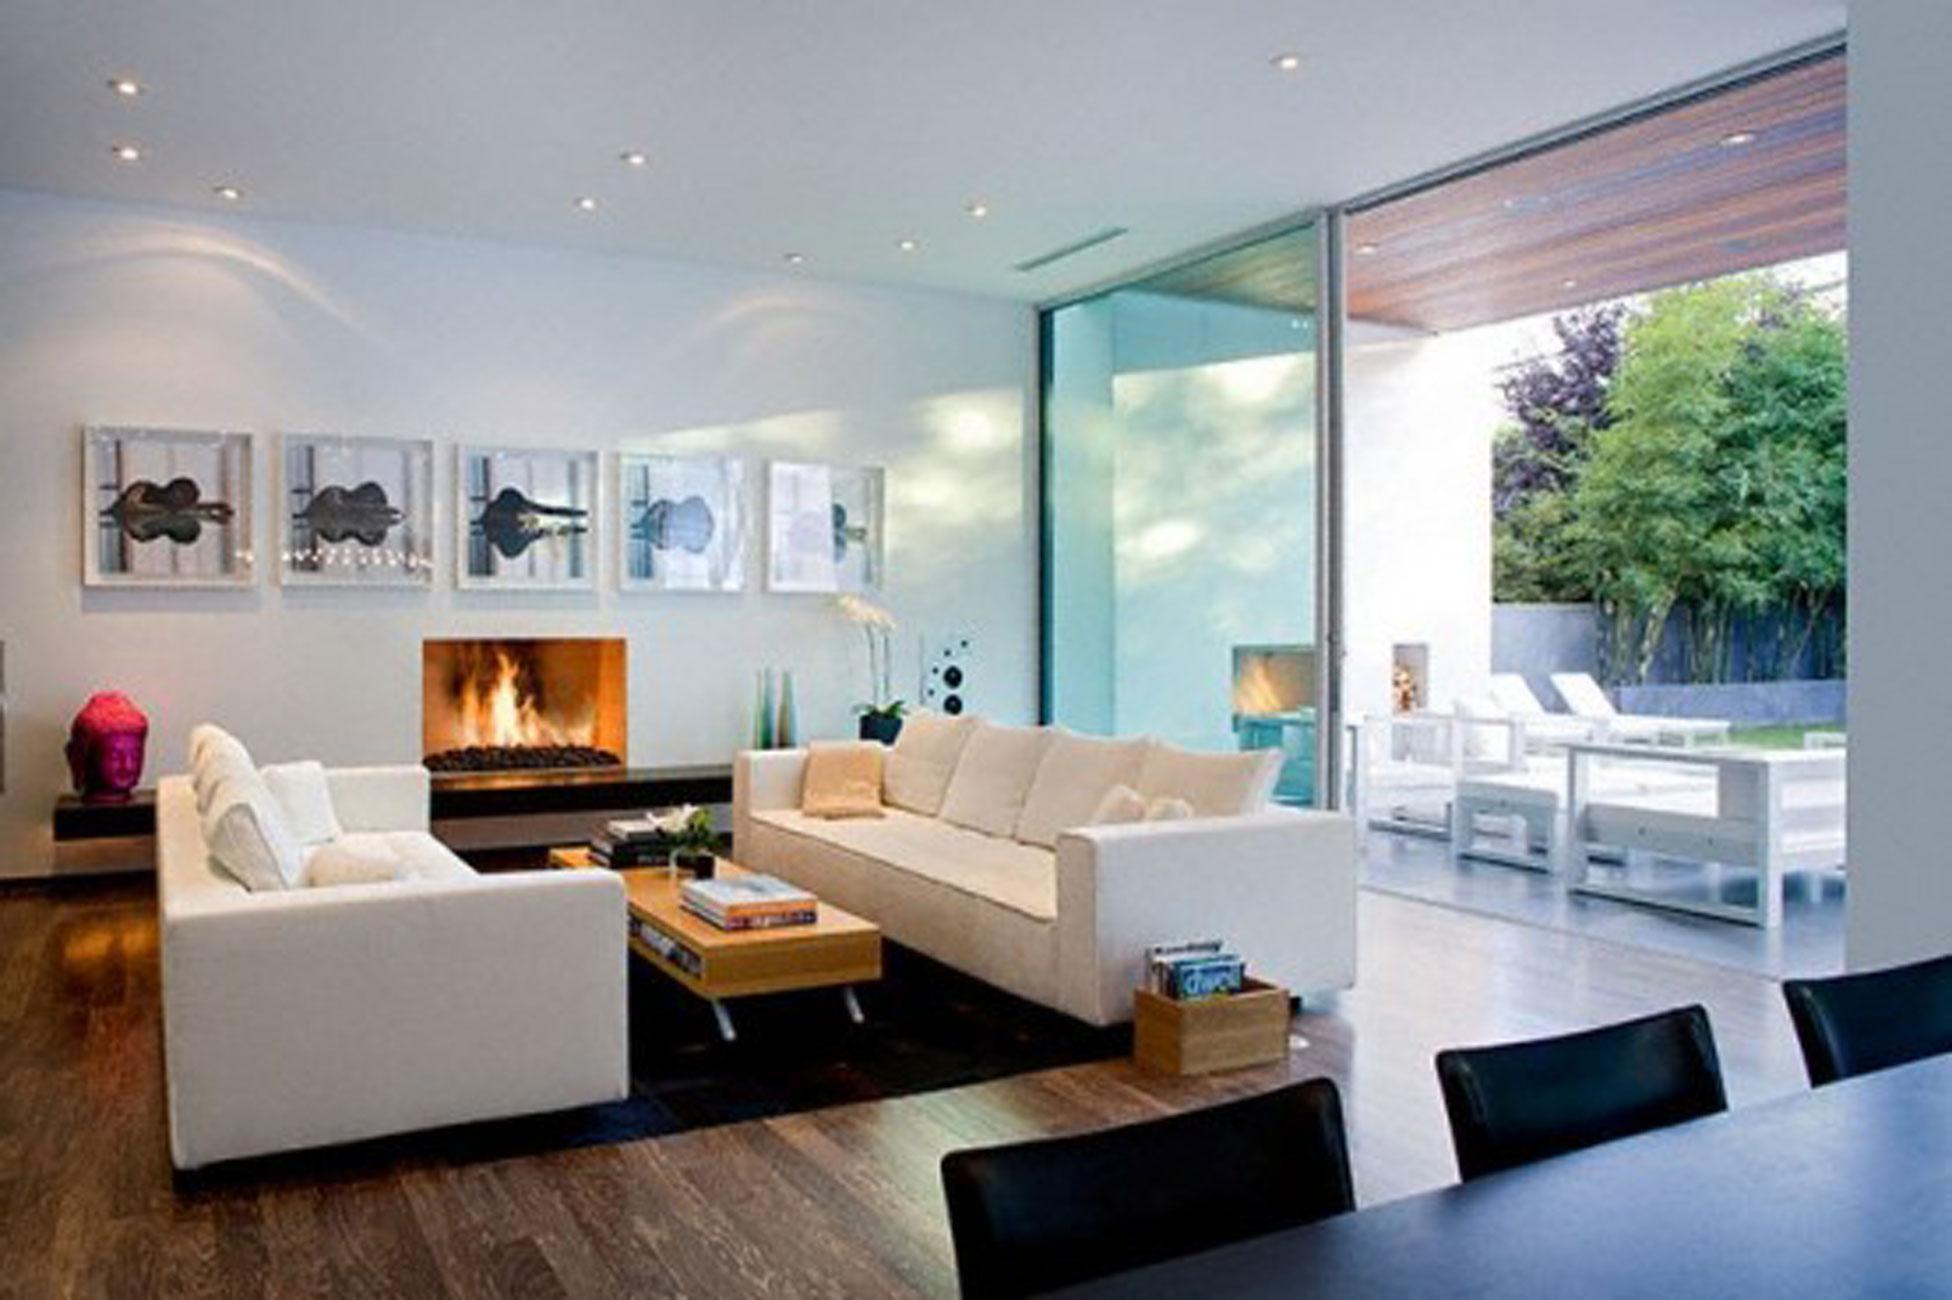 Modern House Design With Comfortable Interior Ideas Livingroom Viahouse Com